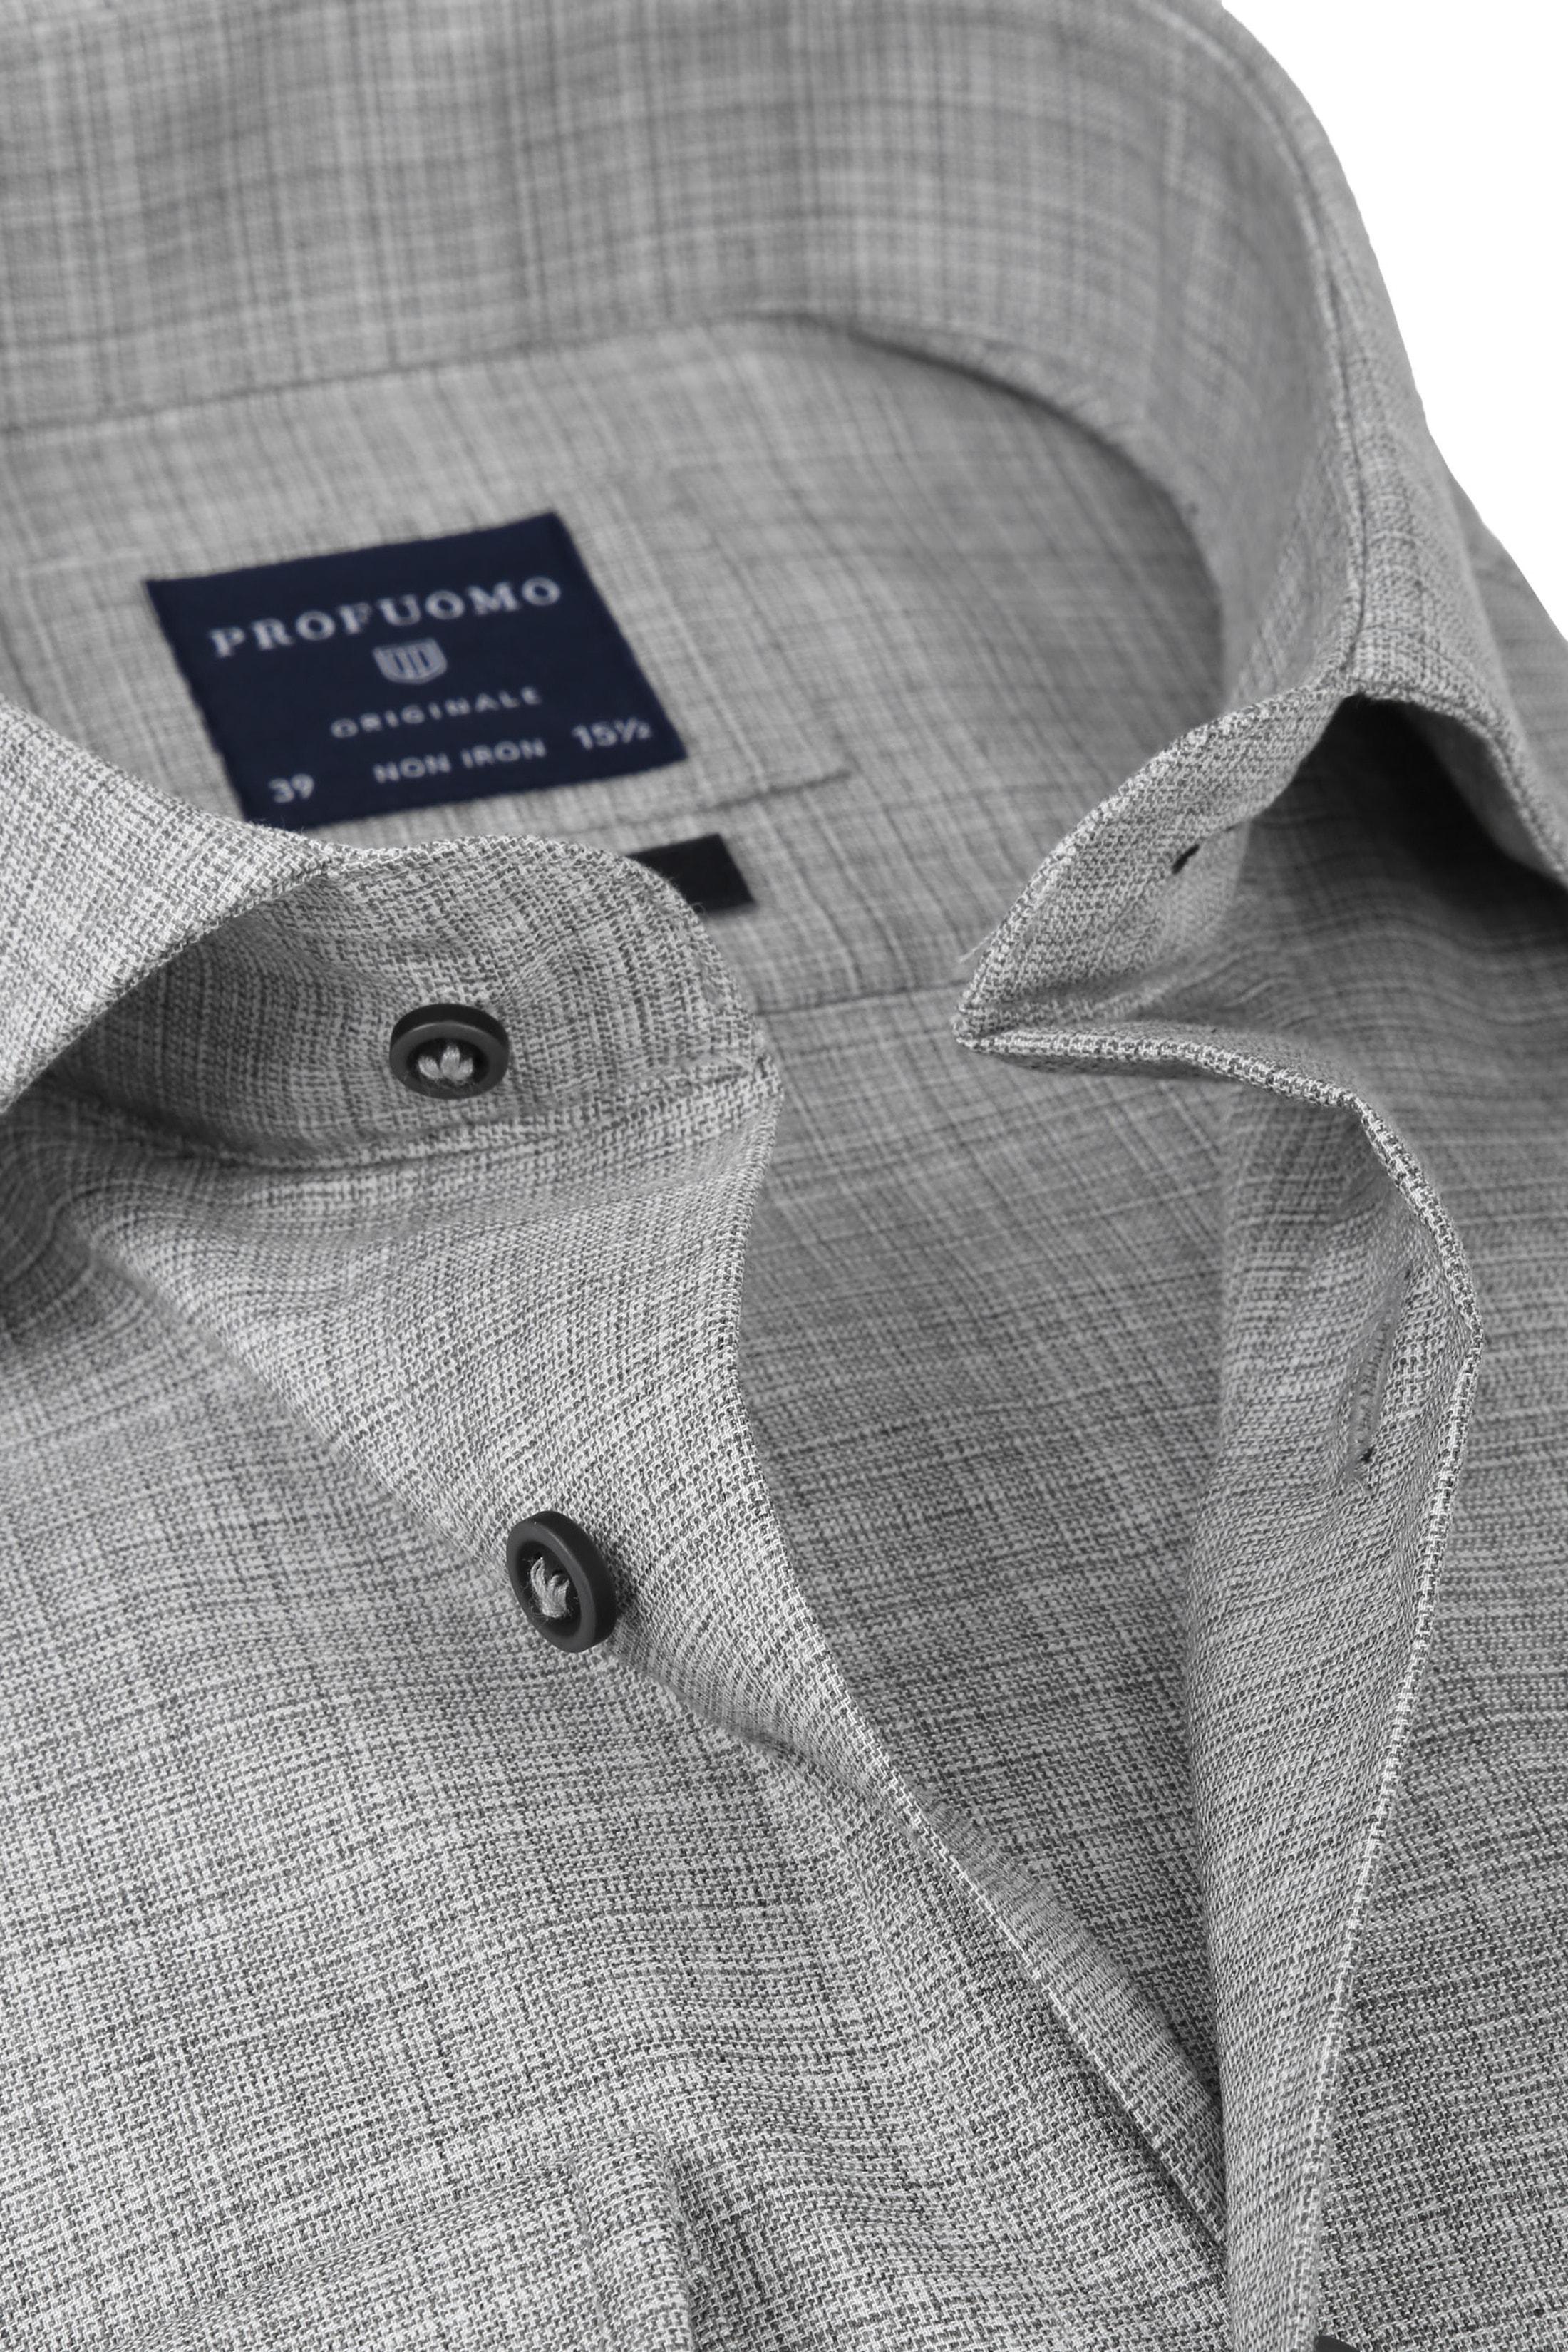 Profuomo Shirt CAW Melange Grey foto 1